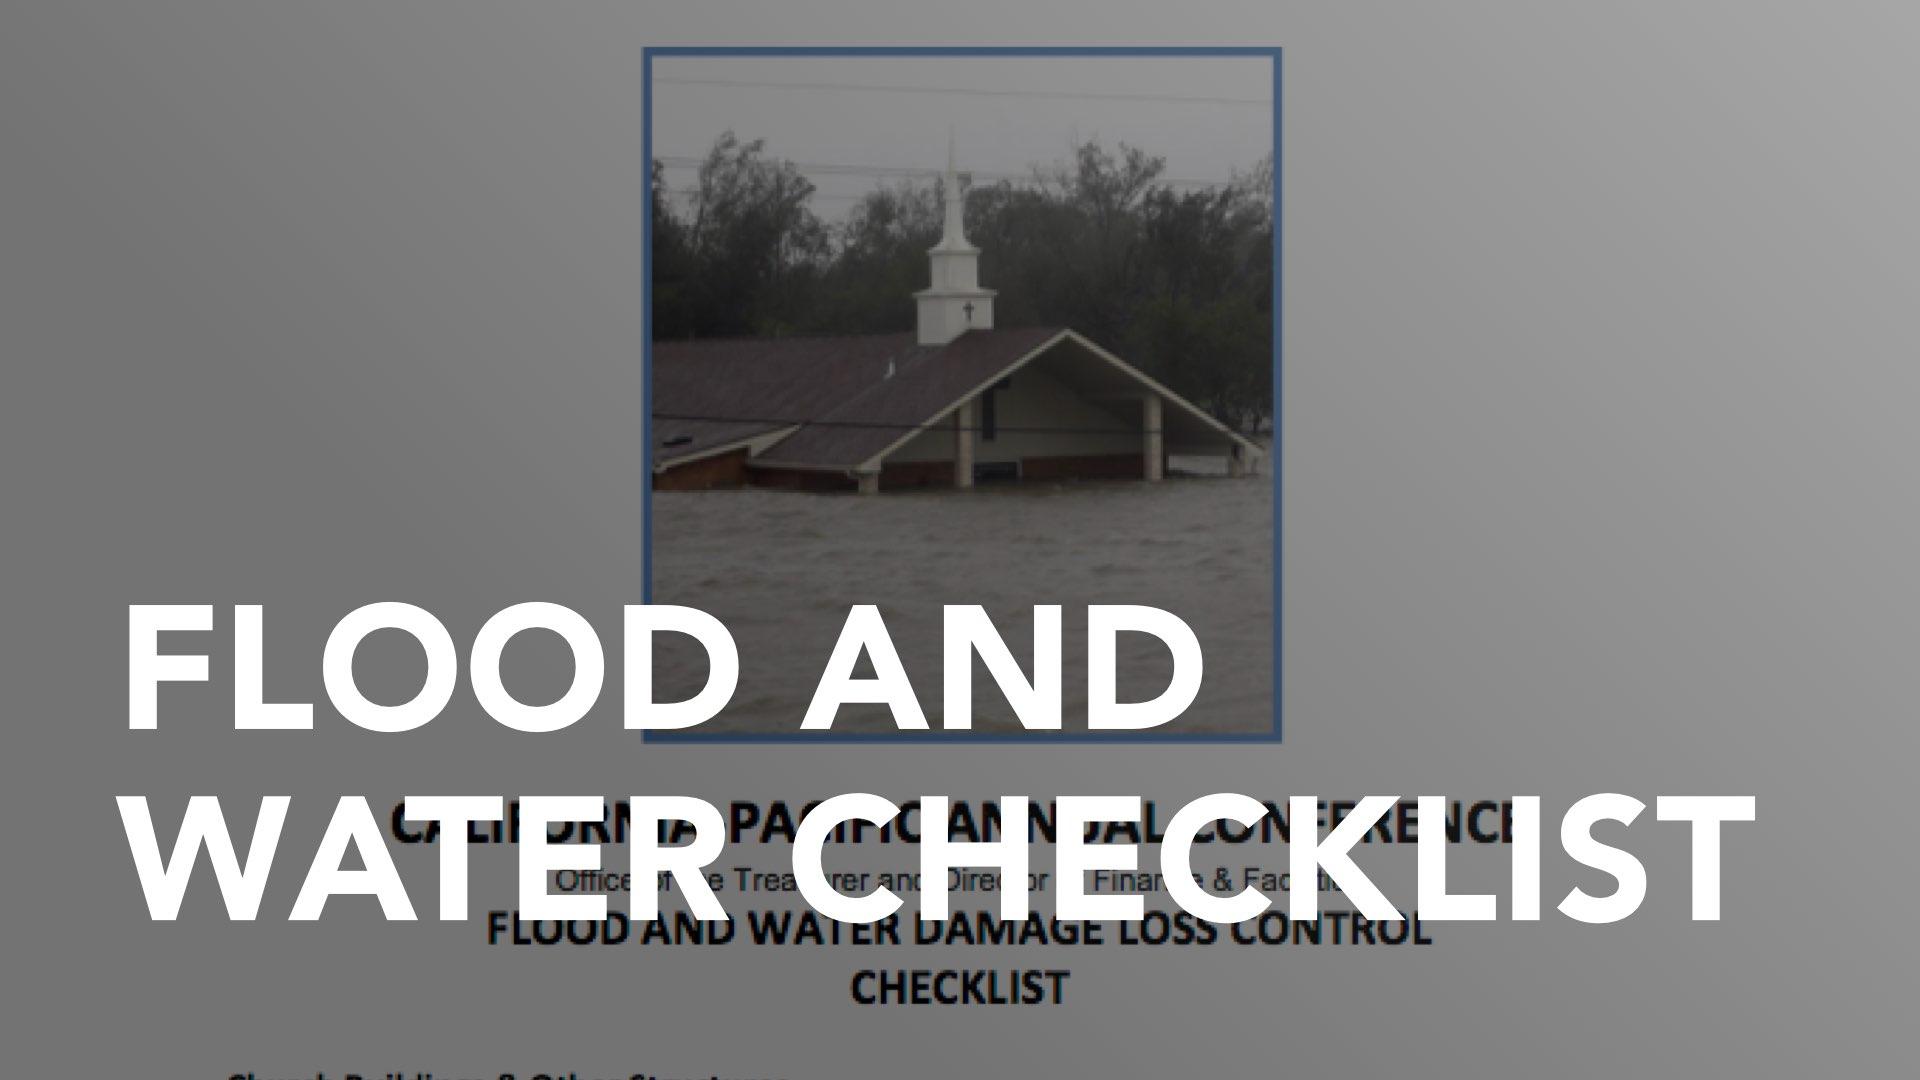 flood-water-checklist